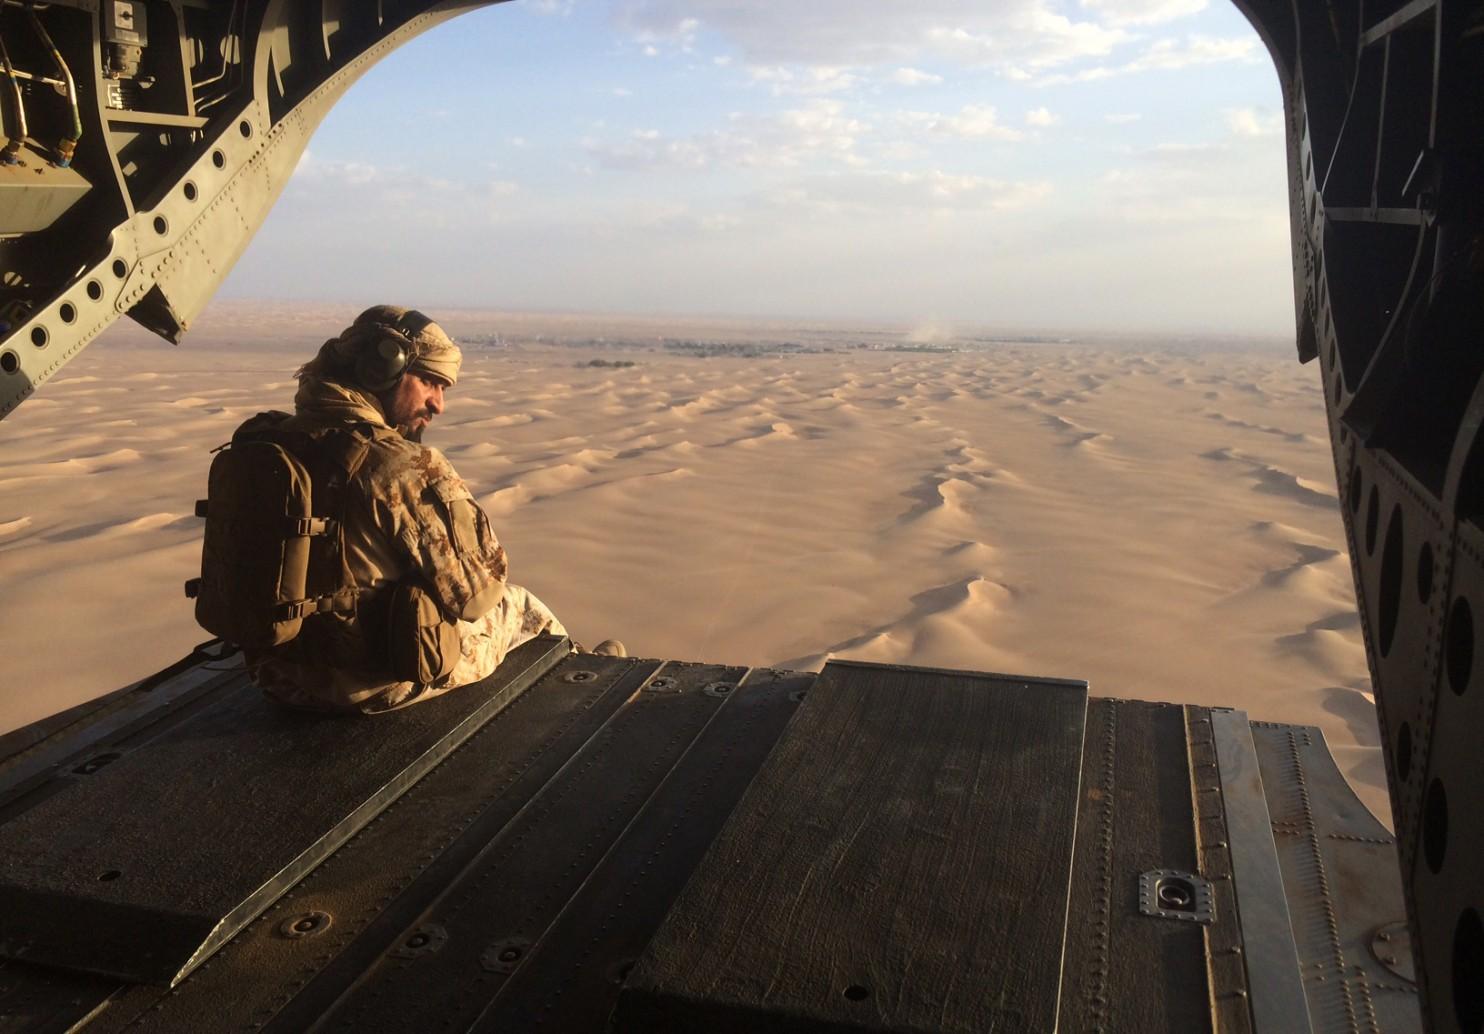 السجون السرية في اليمن.. تفتح العيون على طبيعة توسع الجيش الإماراتي في المنطقة